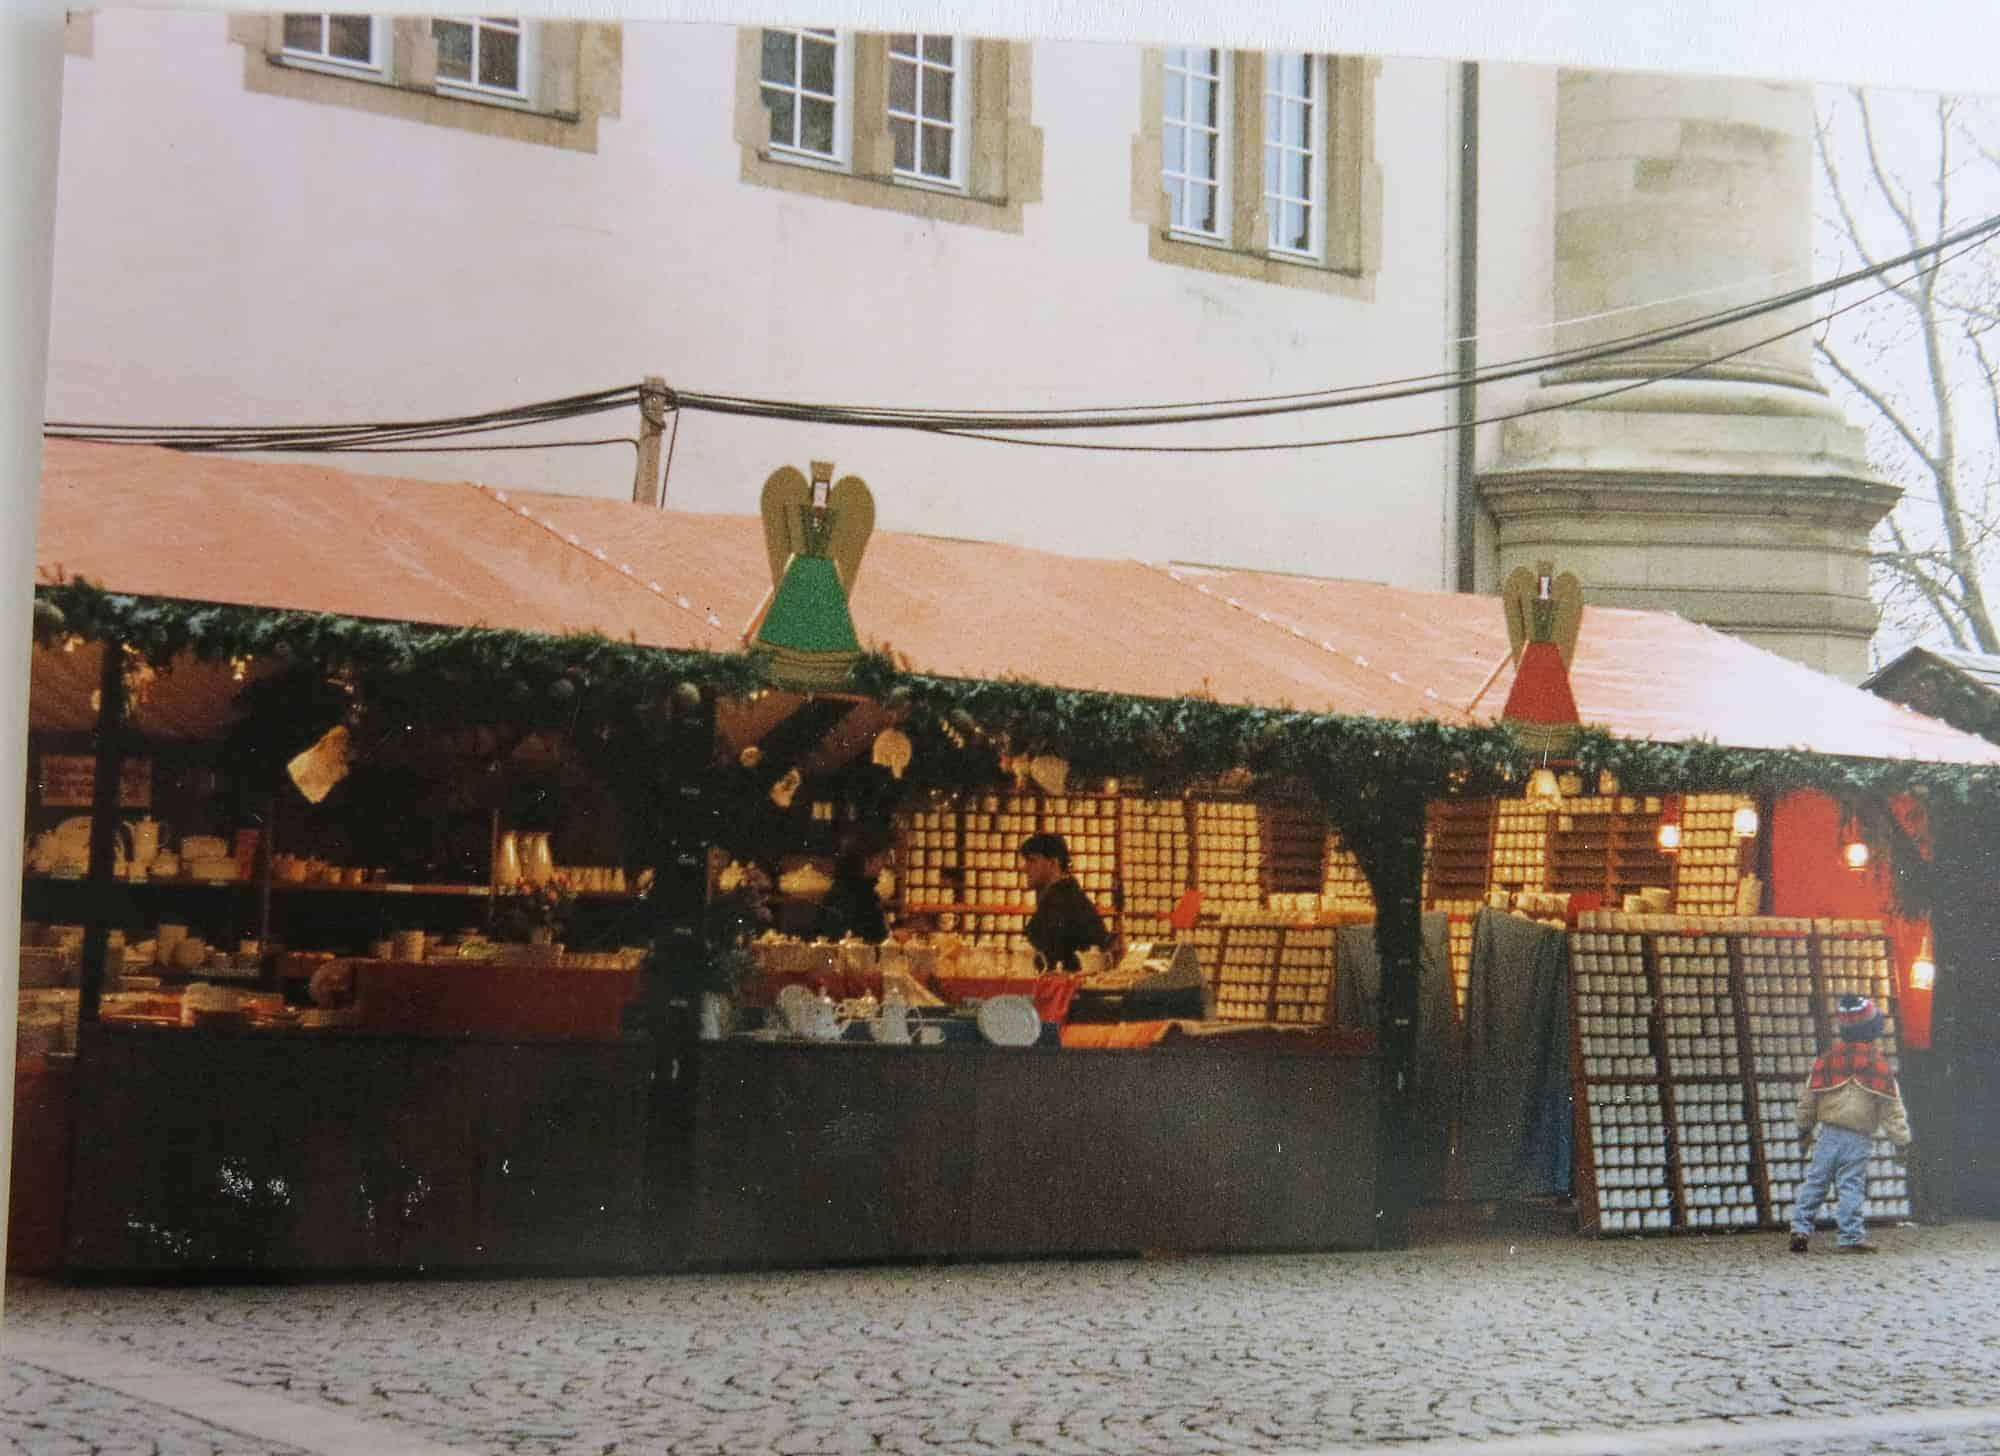 Porzellanstand Stuttgarter Weihnachtsmarkt Stand am Schillerplatz Anfang 90iger Jahre